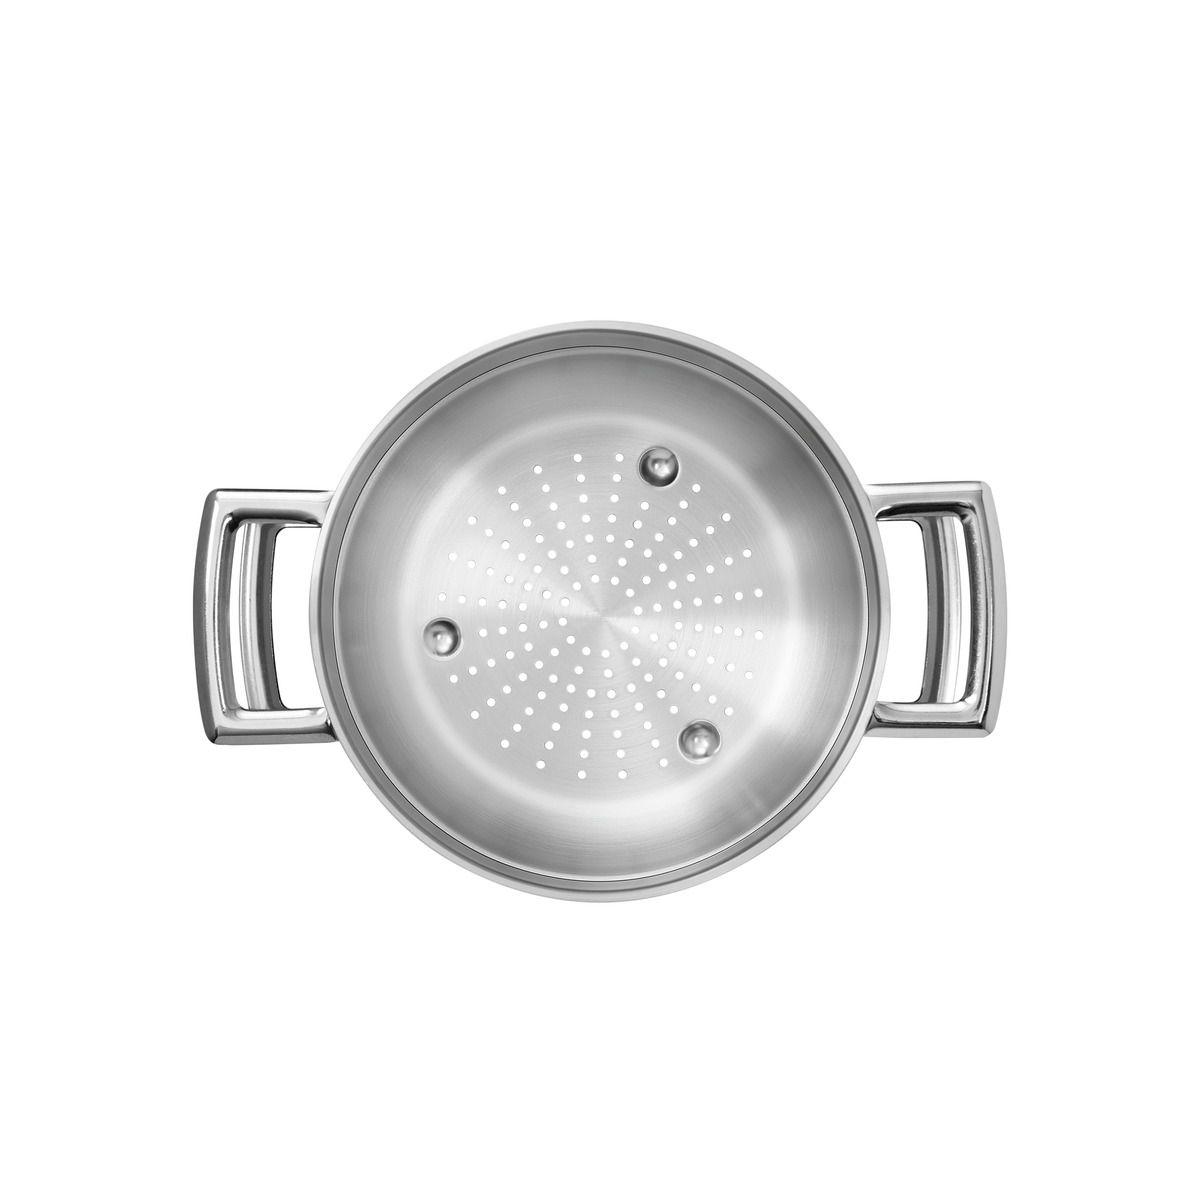 Cozi-Vapore Brava Tramontina em Aço Inox com Alça 20 cm 2,2 L 62410/200 | Lojas Estrela